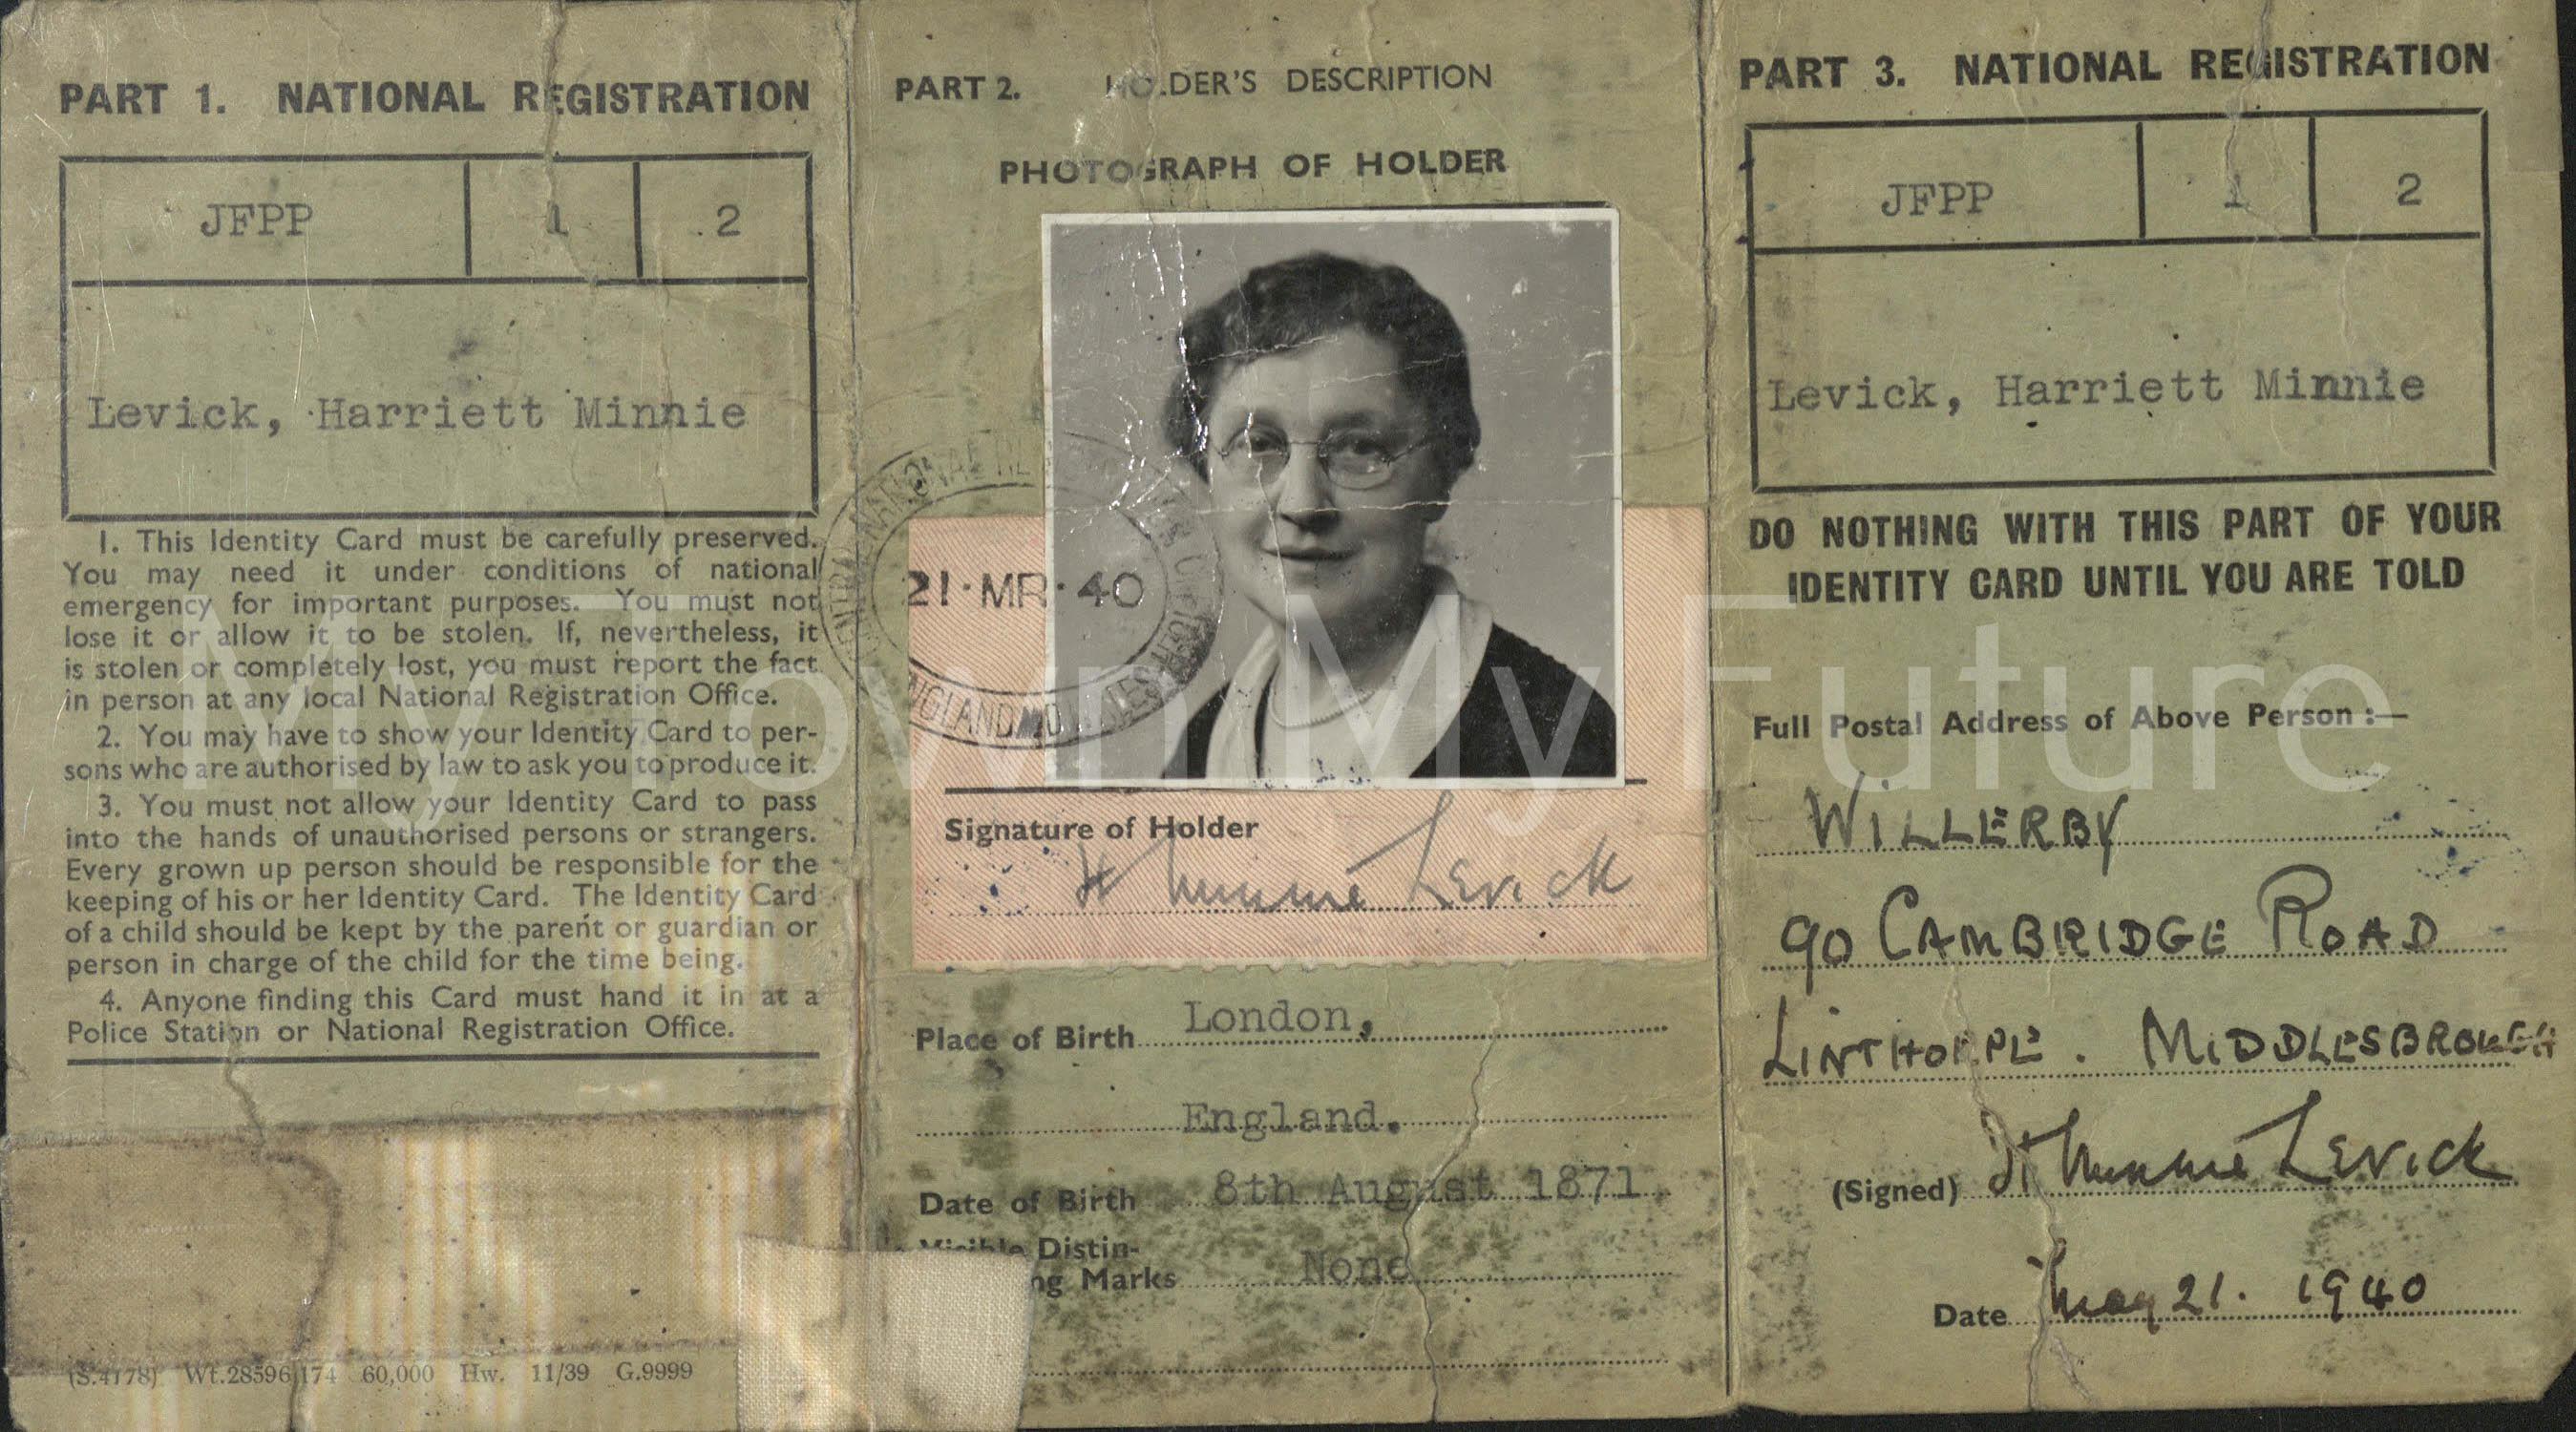 Harriet Minnie Levick 1940